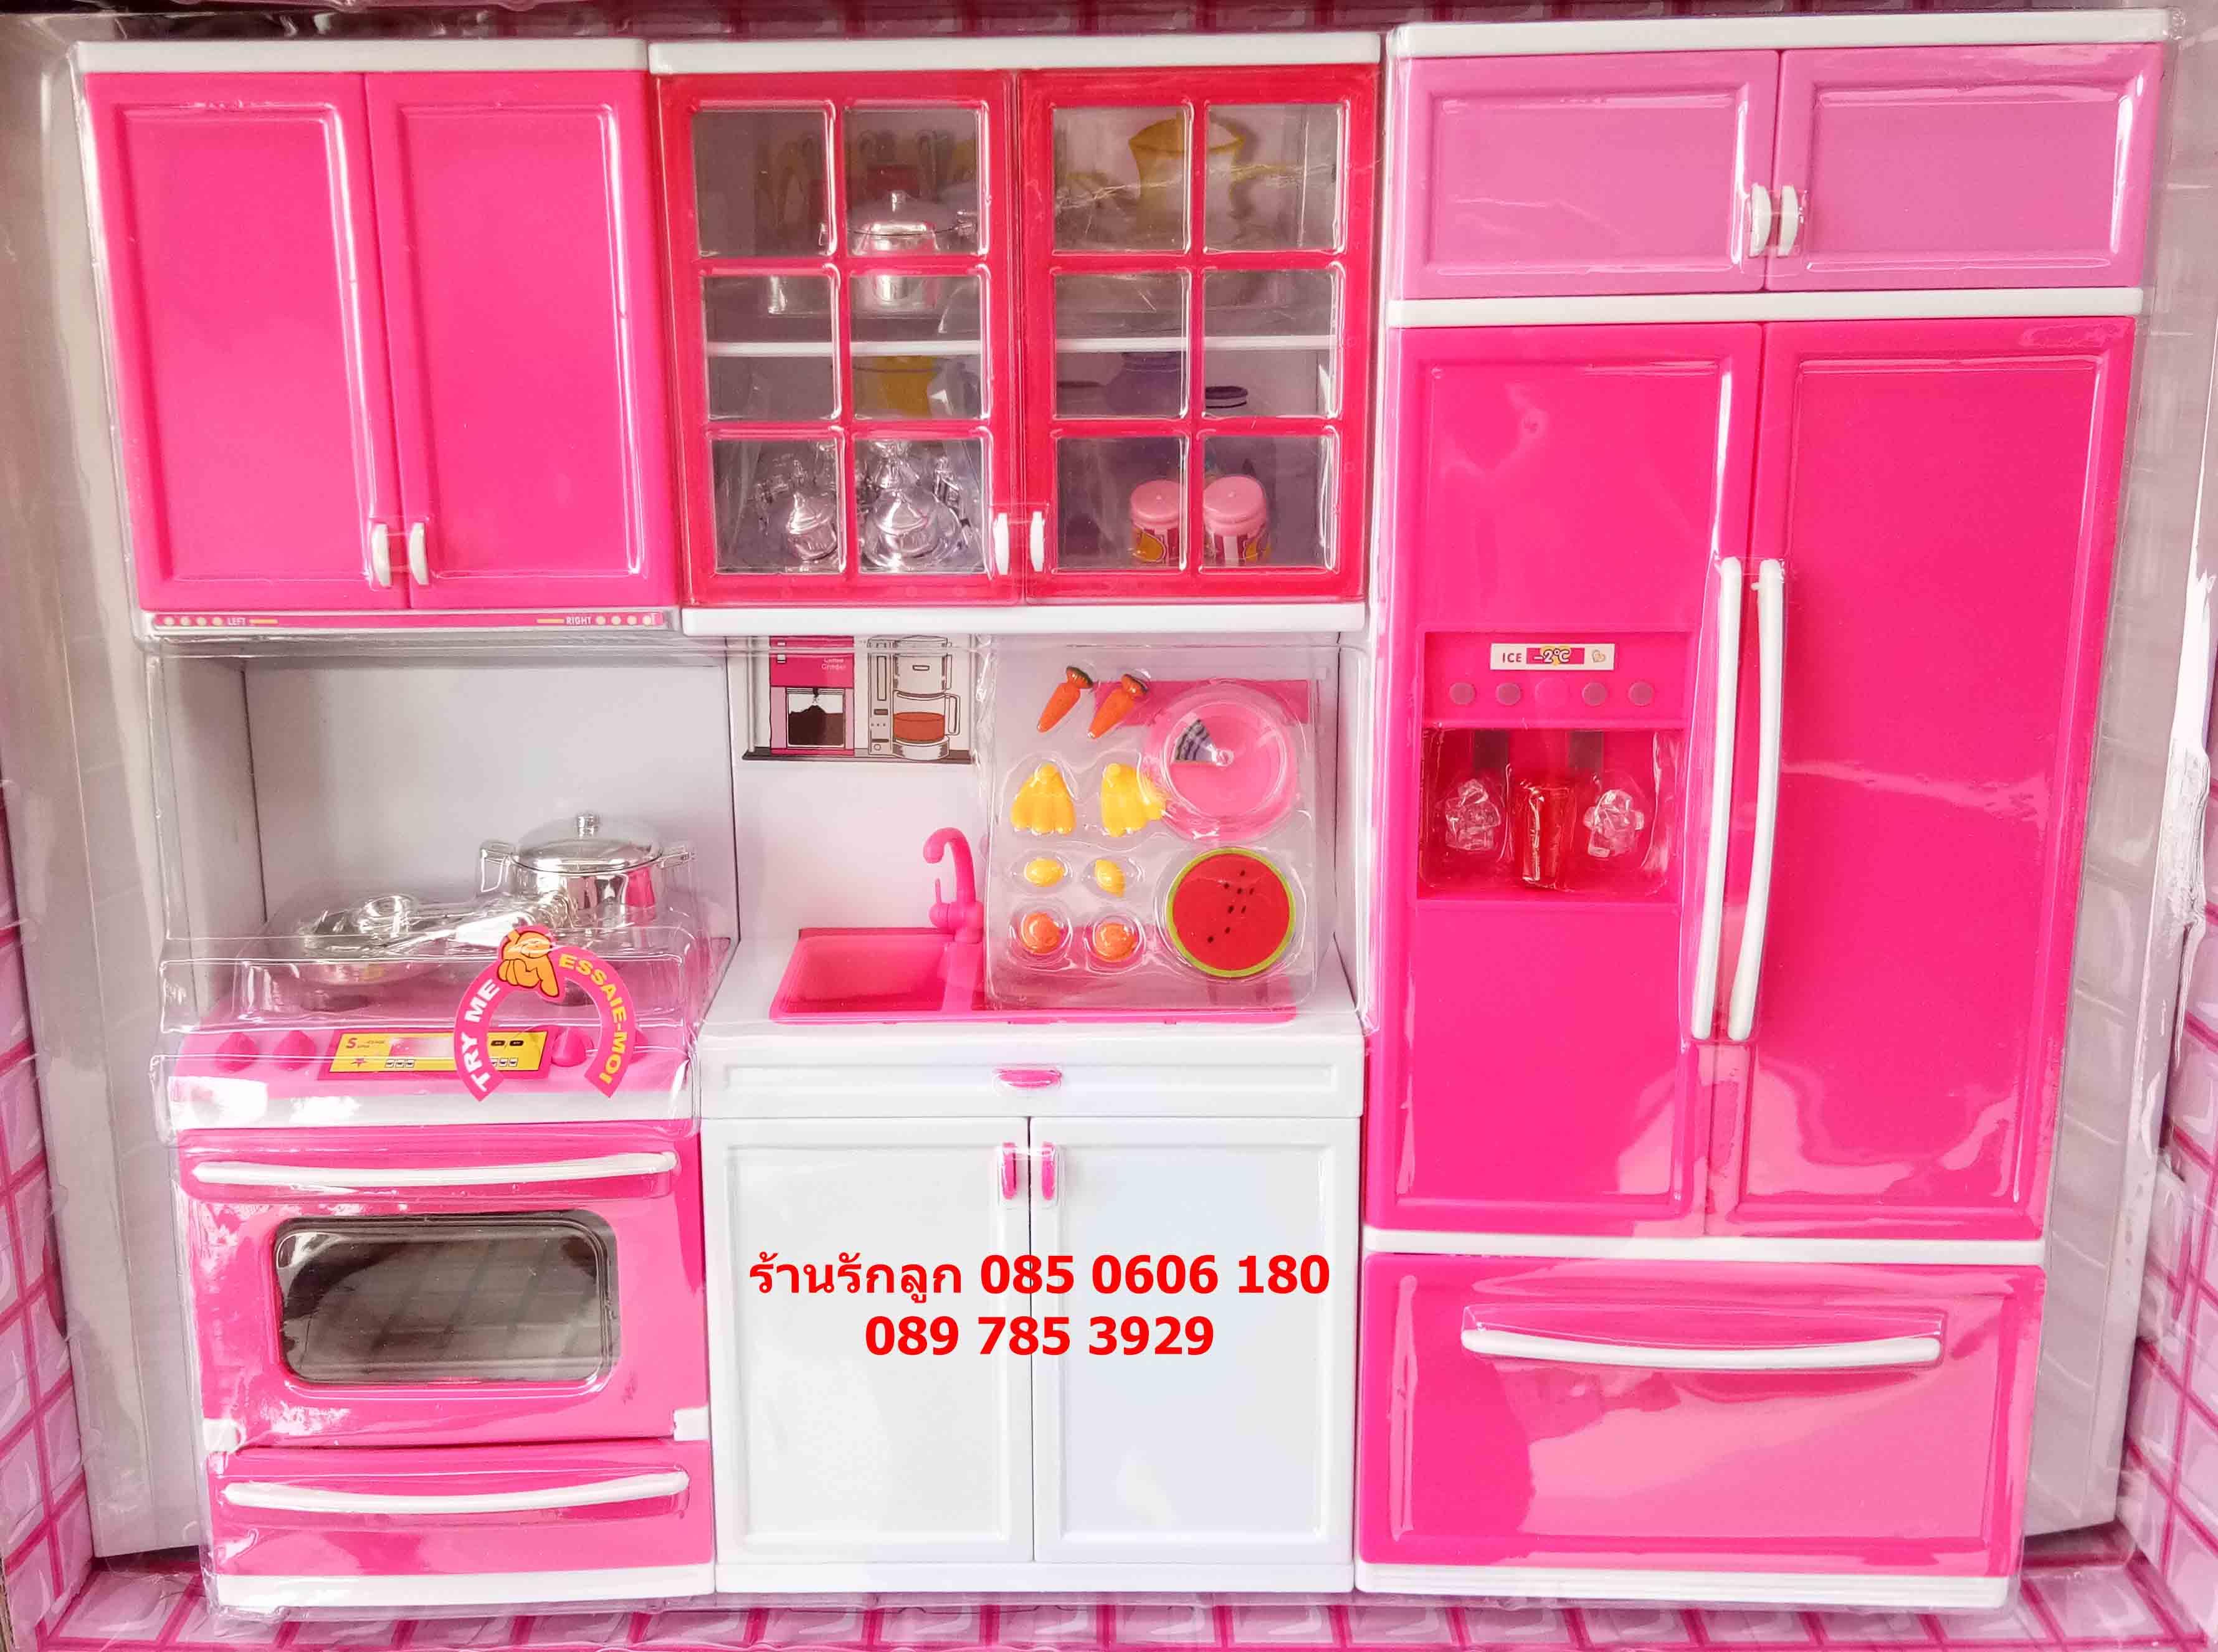 ชุดห้องครัวของเล่นเด็ก เตามีเสียง มีไฟ มีตู้เย็น Modern Kitchent